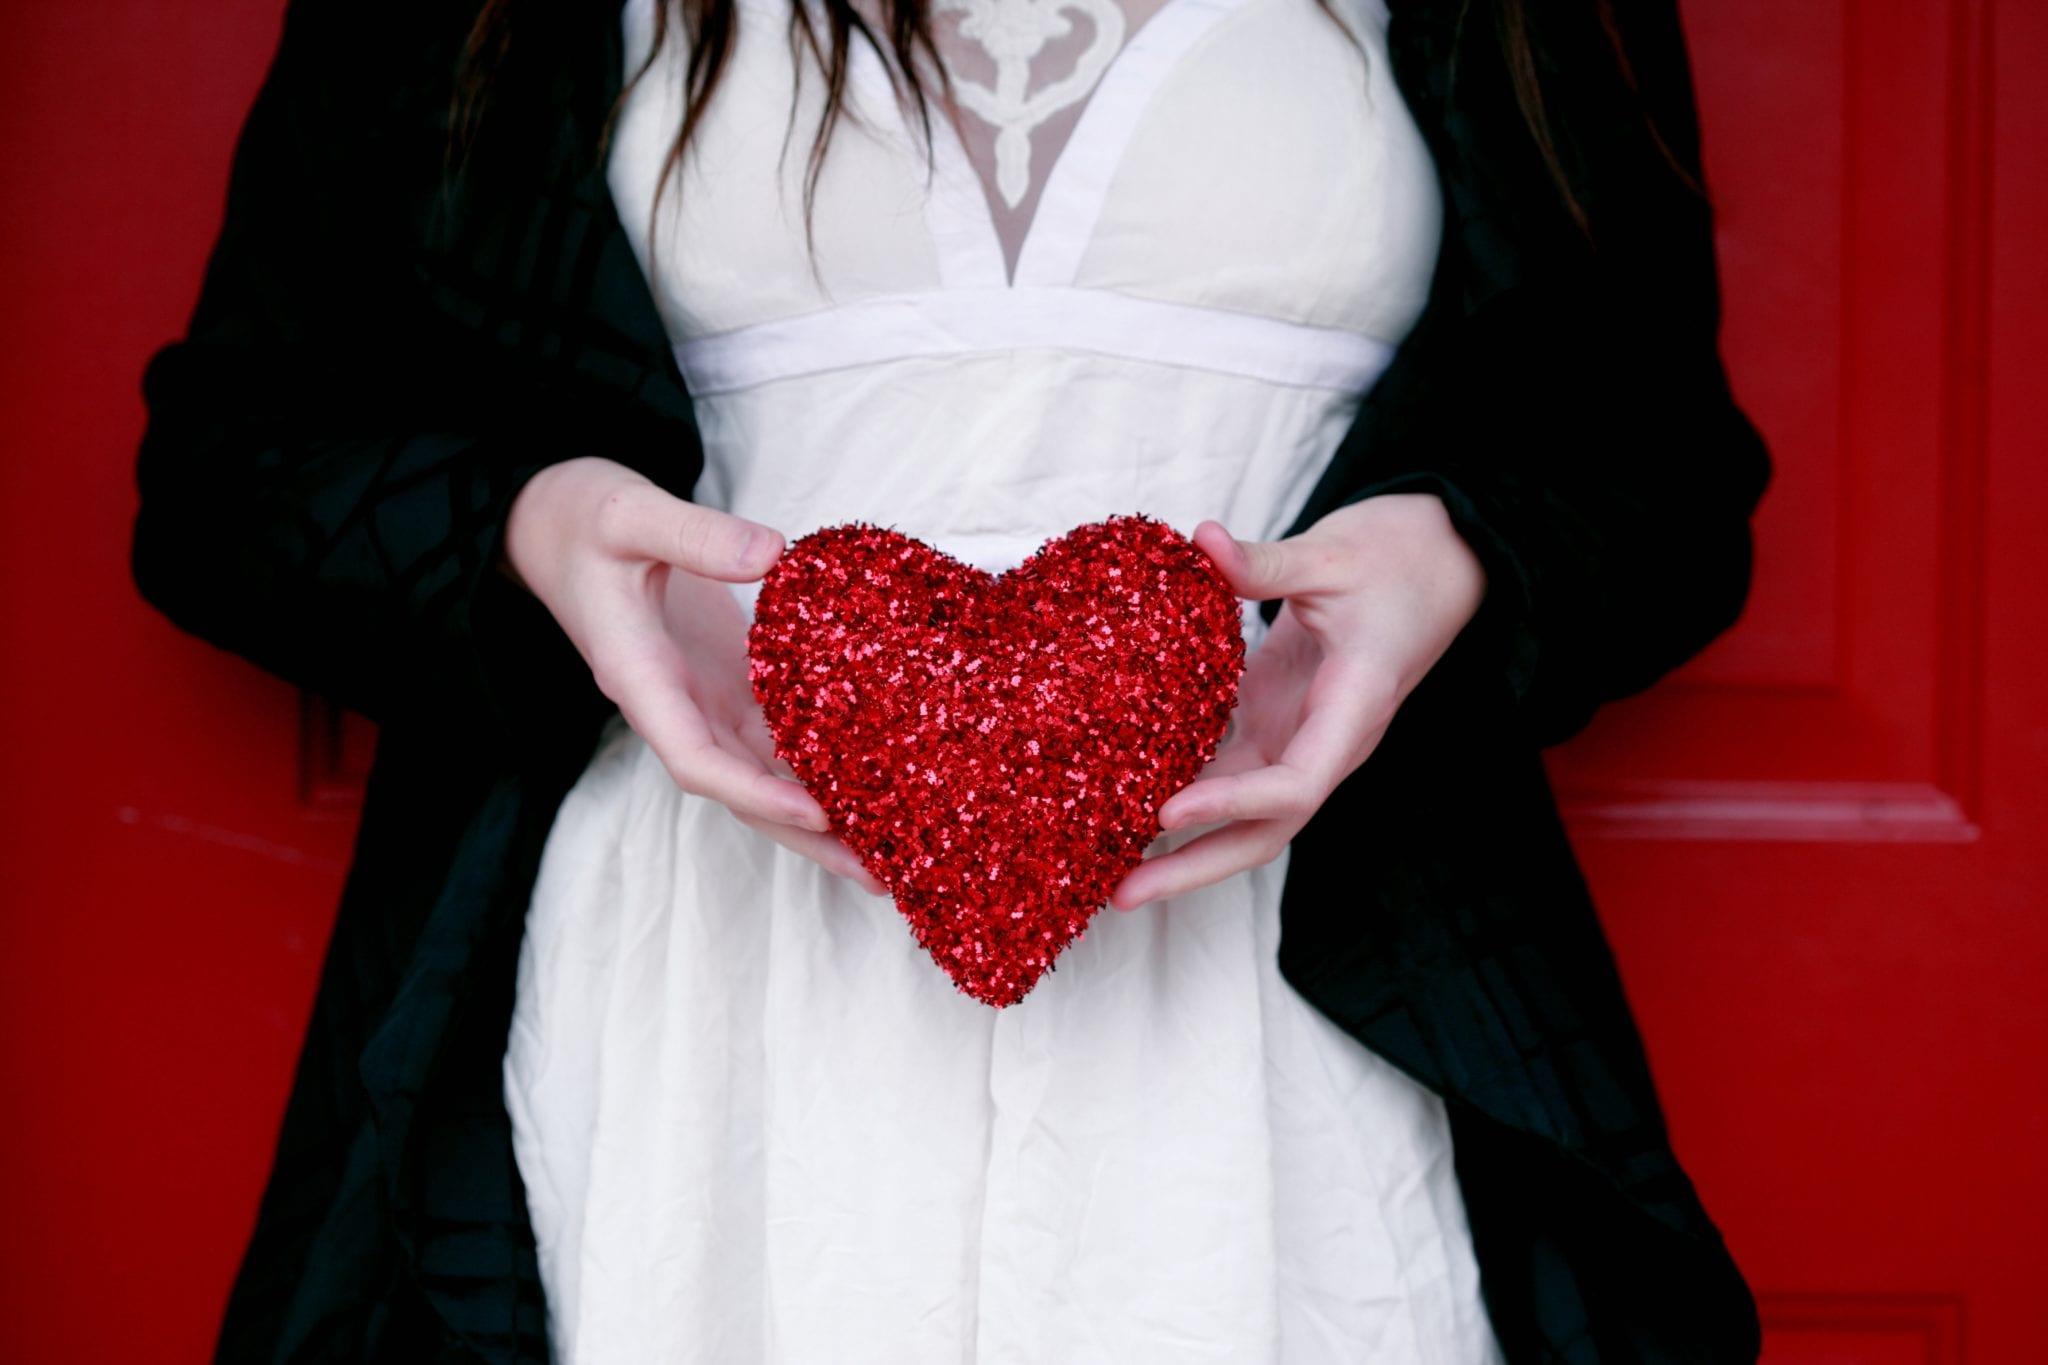 วิธีดูแลตัวเอง อยากมีแฟน สละโสด วิธีหาแฟน หาคู่ หาผัว หาเมีย หาแฟน แต่งงาน มีคู่ หาคนรัก